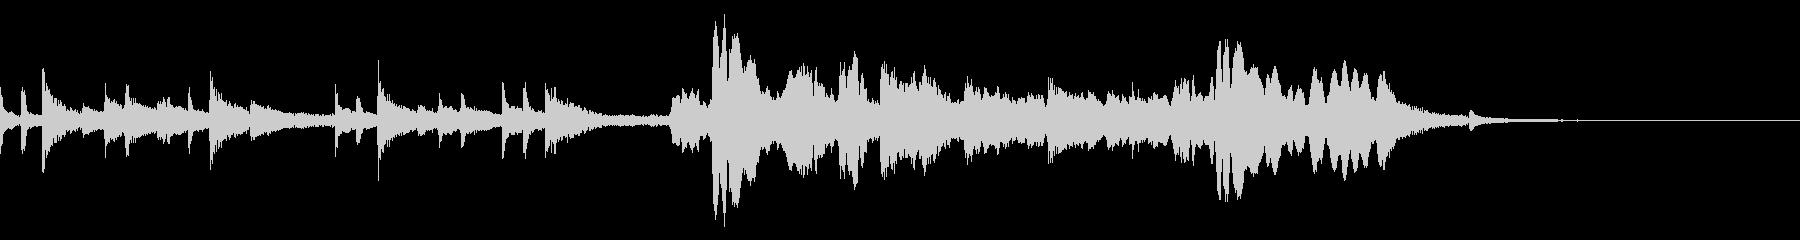 三味線と尺八の和風の曲の未再生の波形